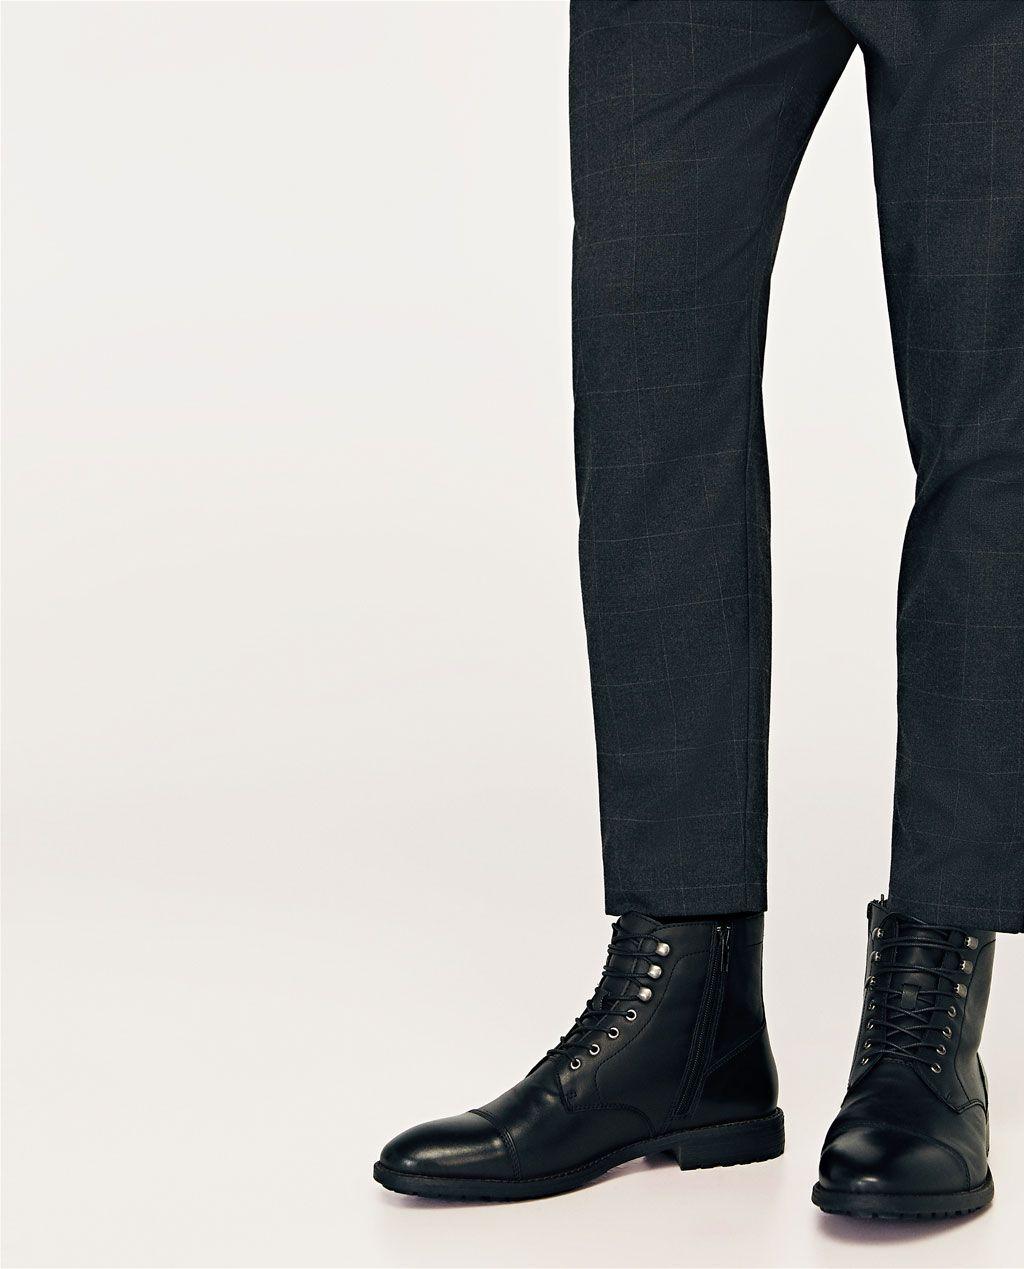 en soldes dcc80 96aec Image 4 de LACE-UP BOOTS de Zara | My men's style in 2019 ...